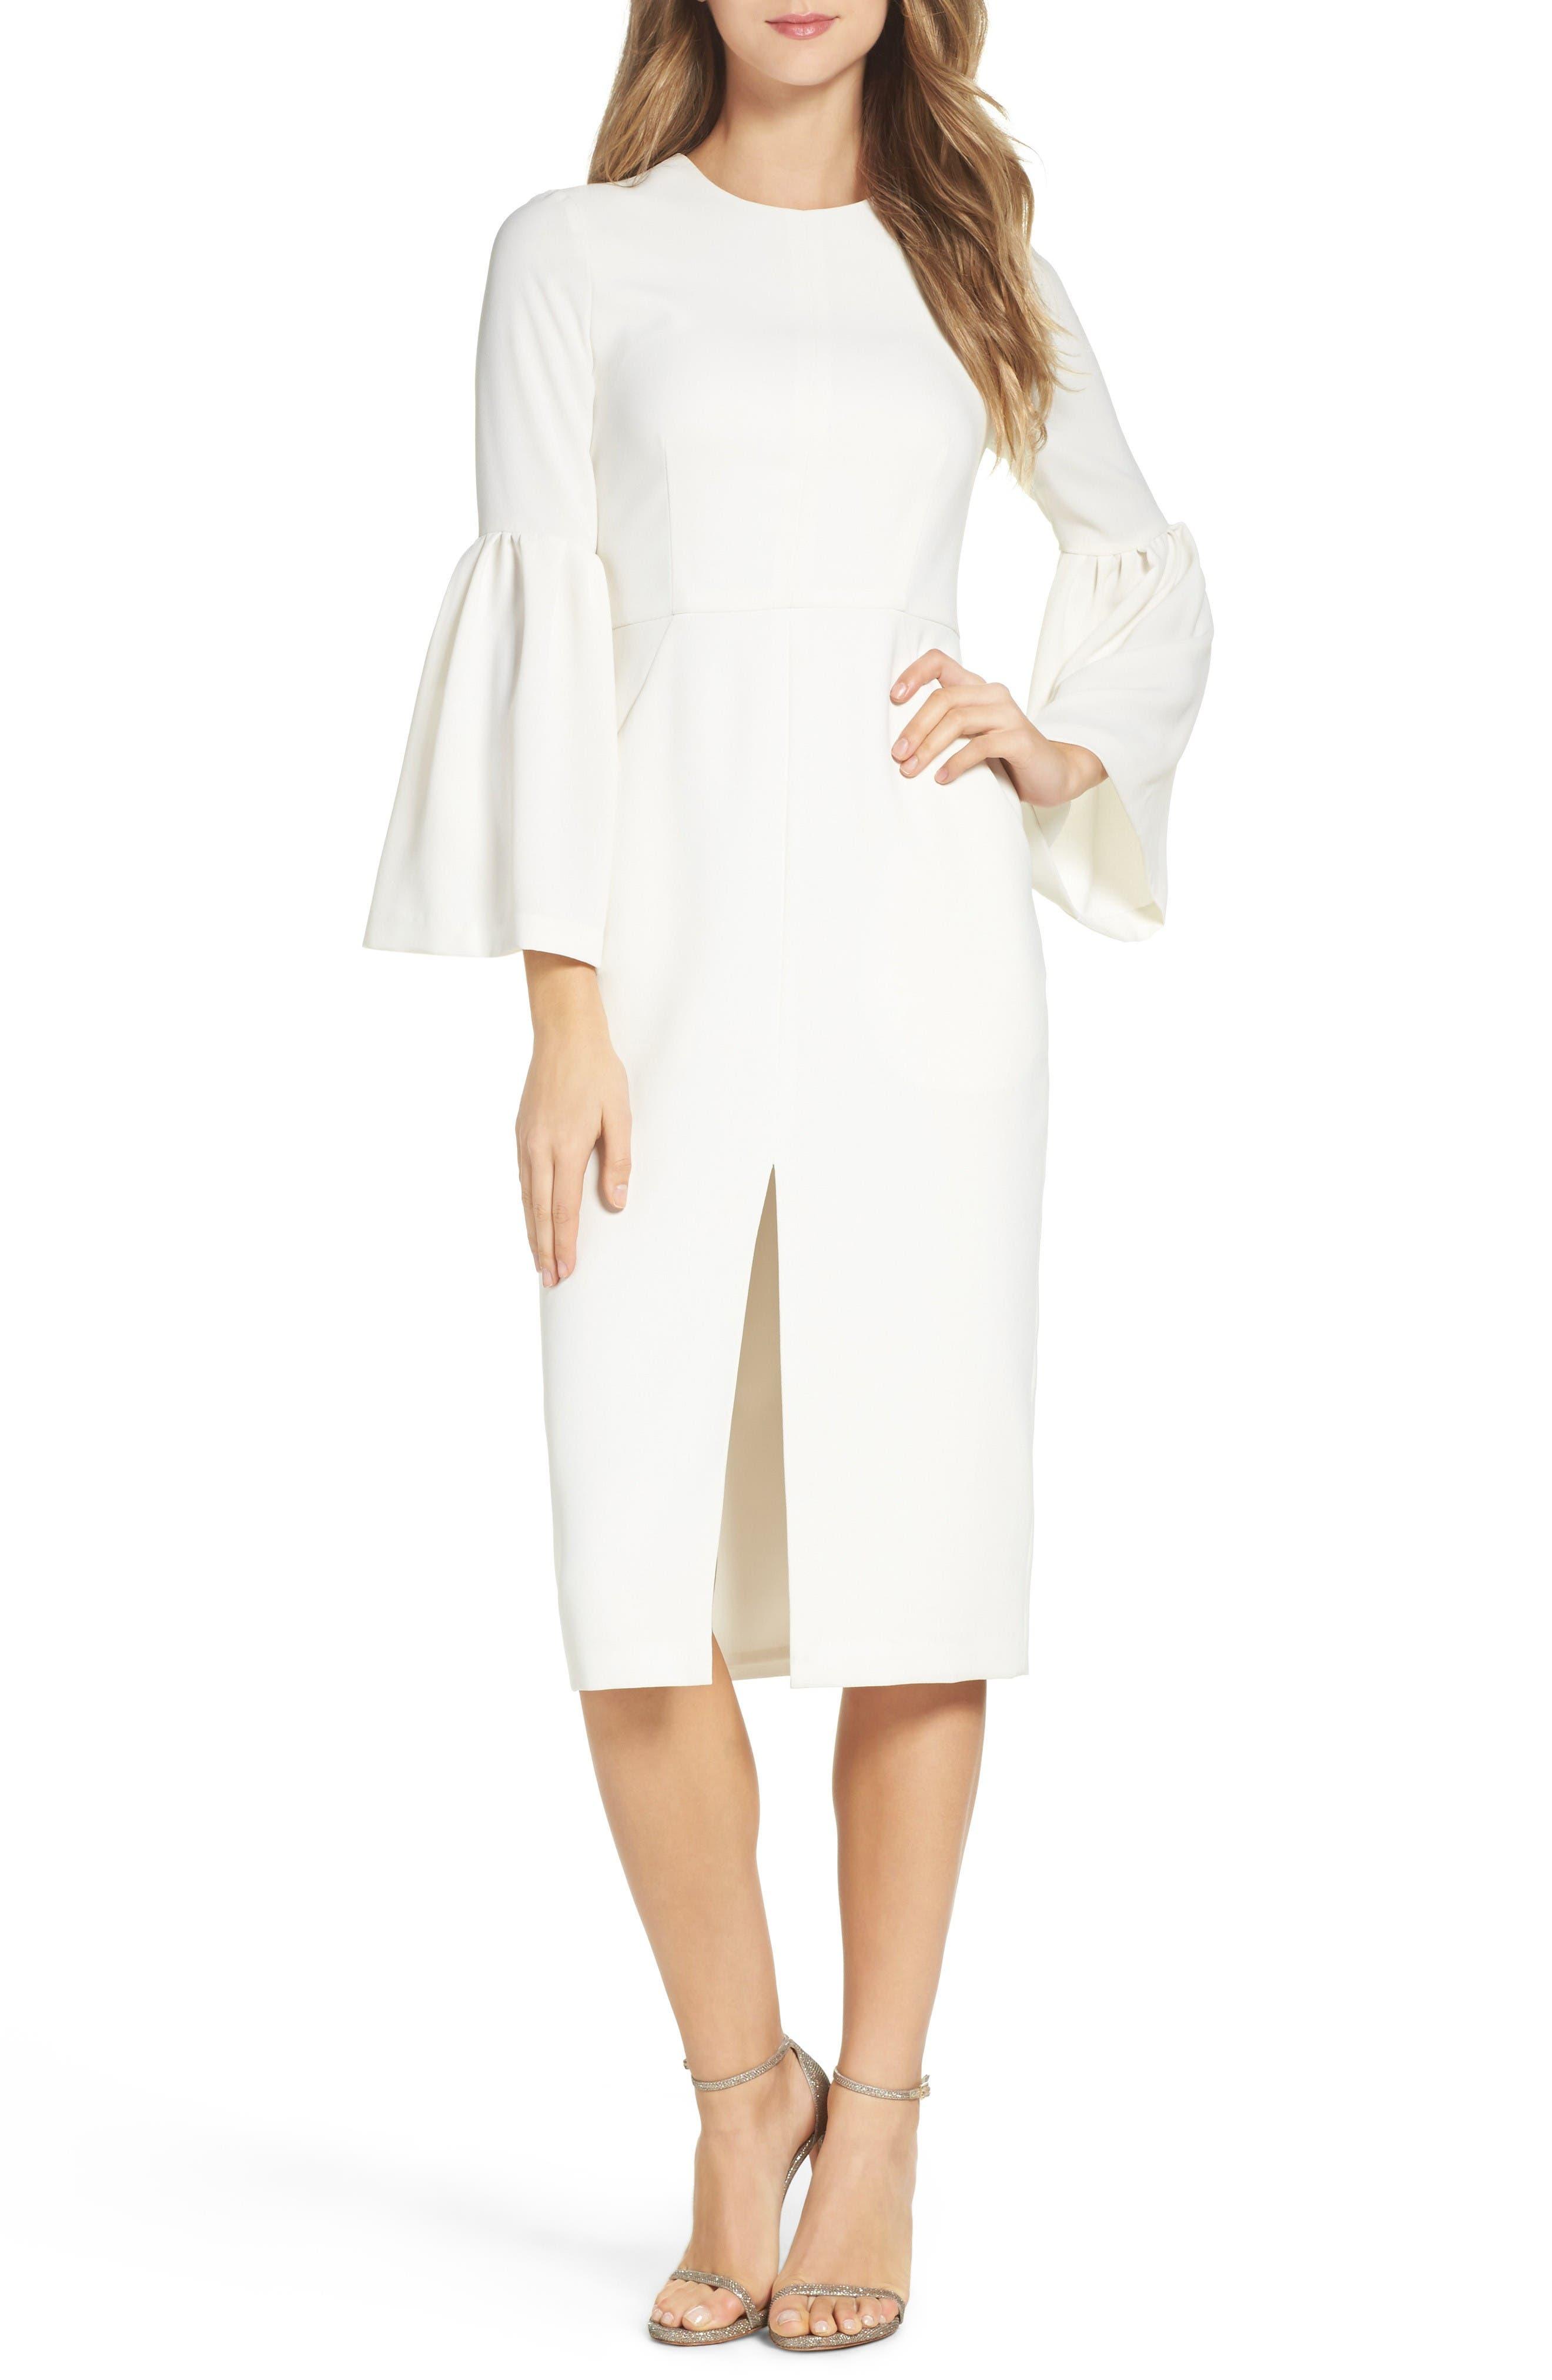 Jill Jill Stuart Crepe Midi Dress